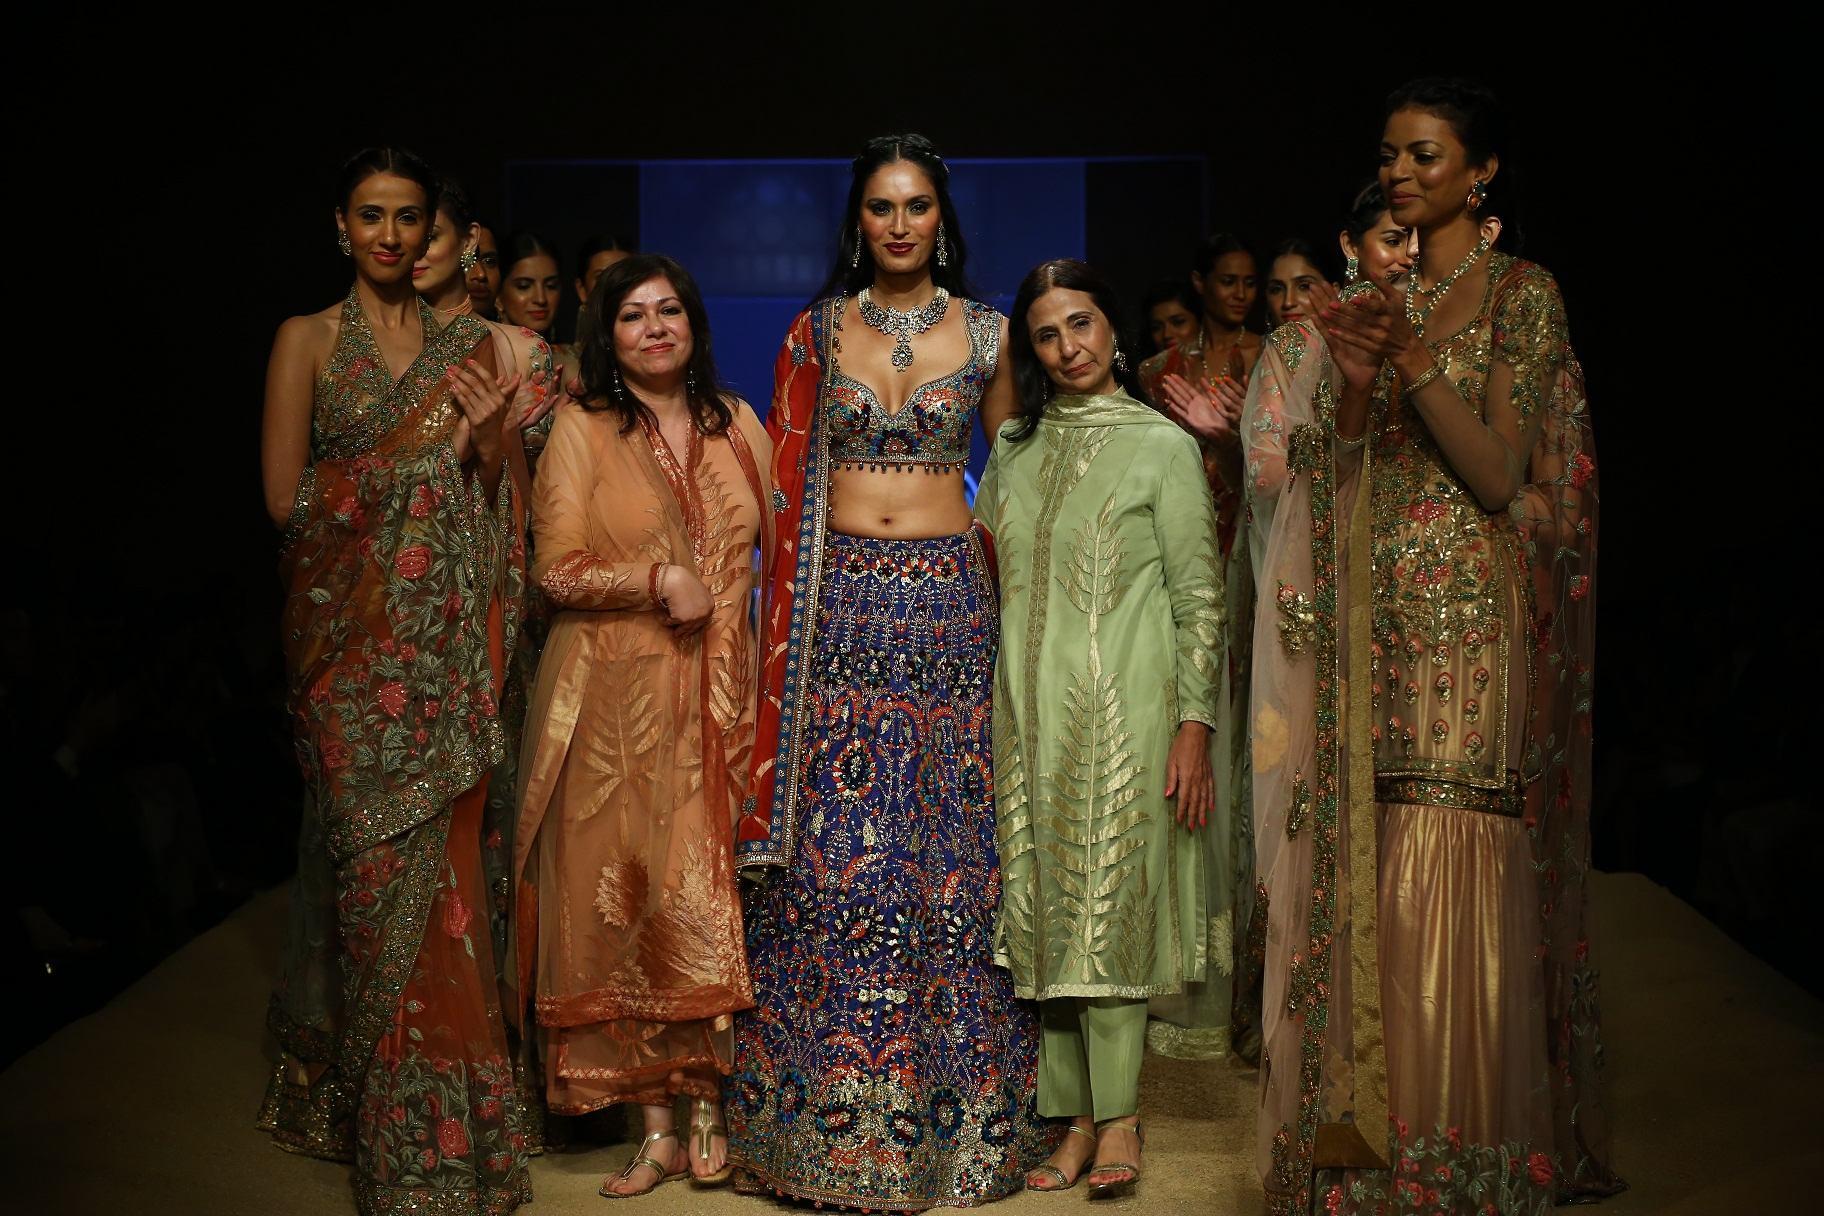 Ashima and Leena  with Ujjwala Raut at BMW India Bridal Fashion Week 2014 in association with AZVA at DLF Emporio.jpg